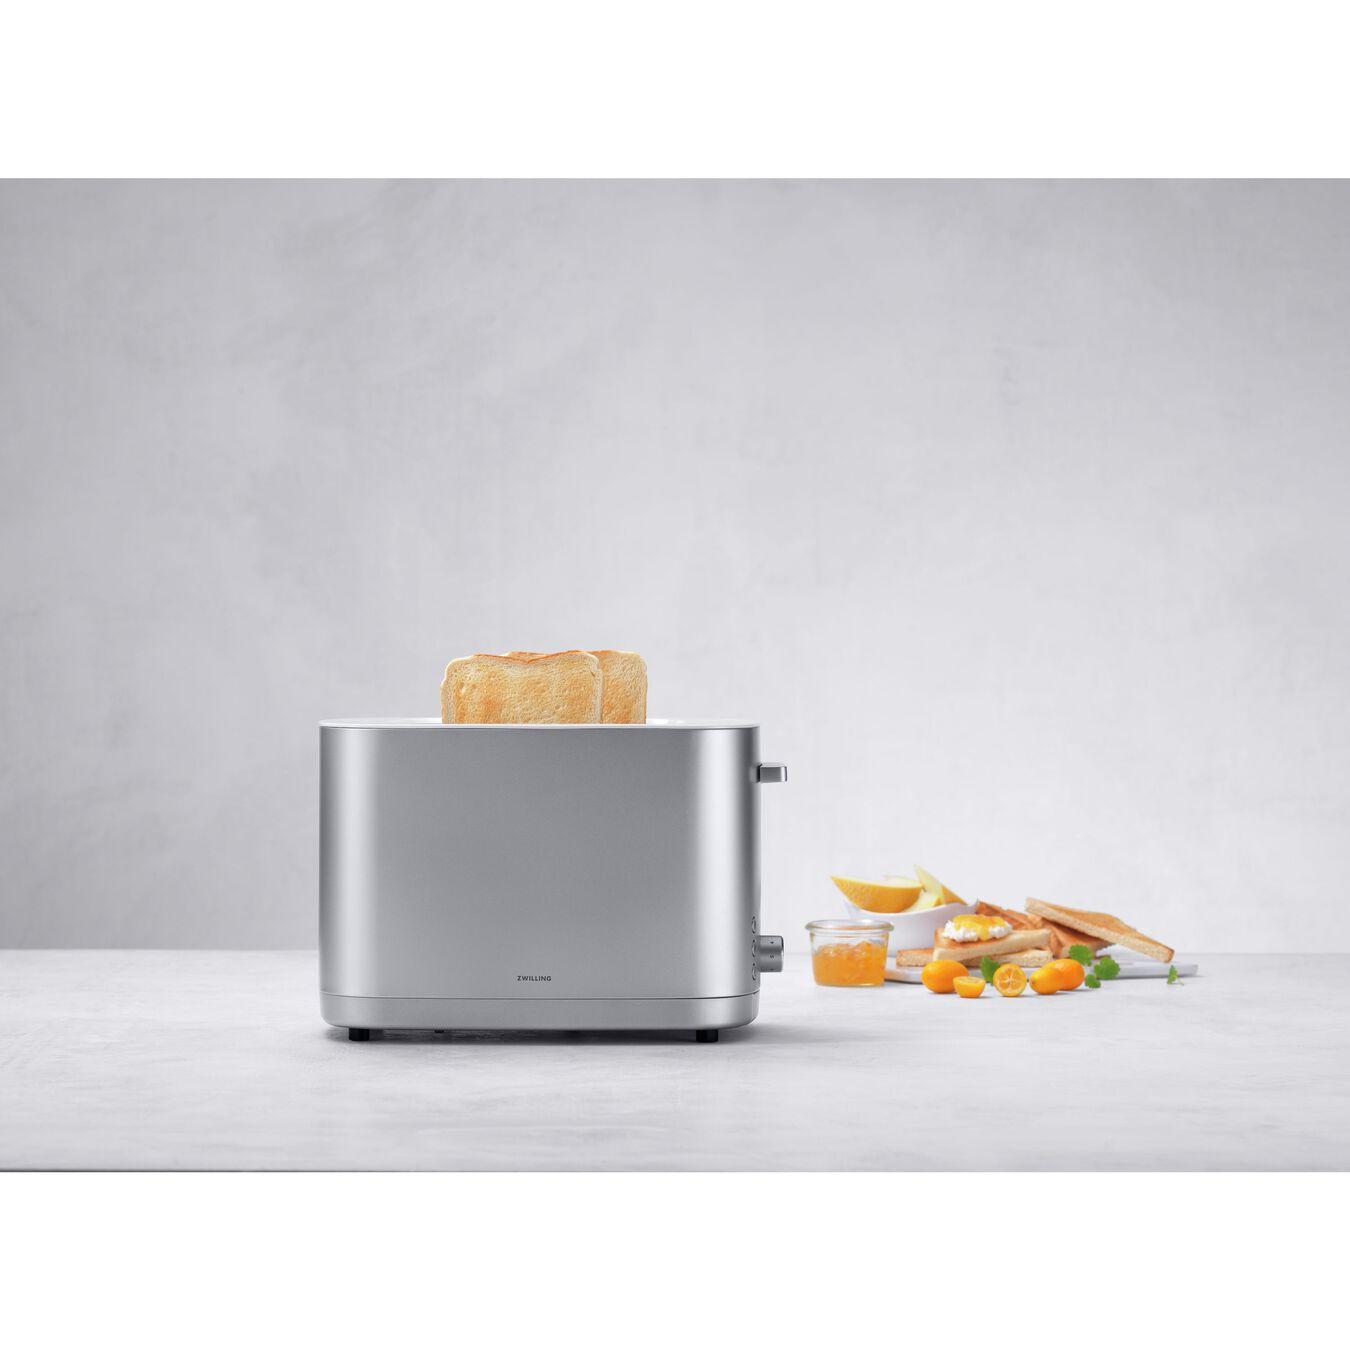 Ekmek Kızartma Makinesi çörek ısıtıcılı | 2 yuva 2 dilim,,large 3